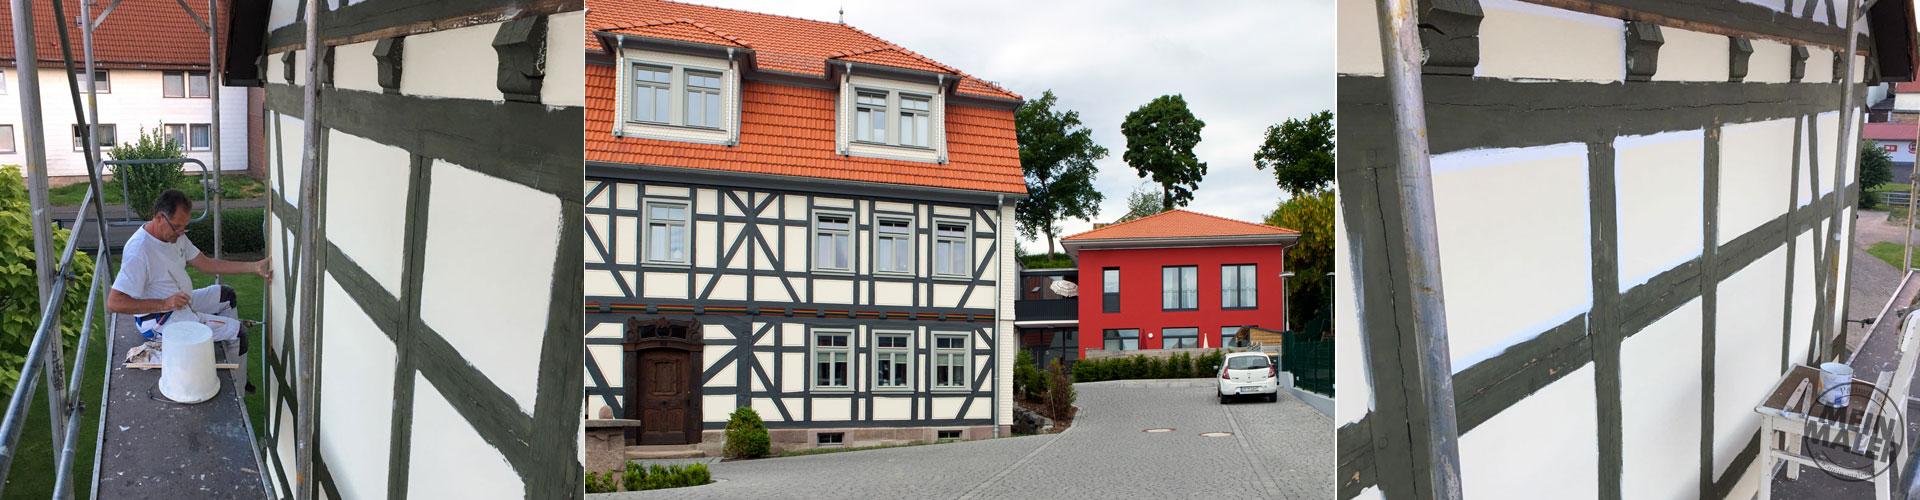 Sachs Raumwerkstatt - Lauterbach Umbau einer Schreinerei - Fachwerkfassaden-Sanierung